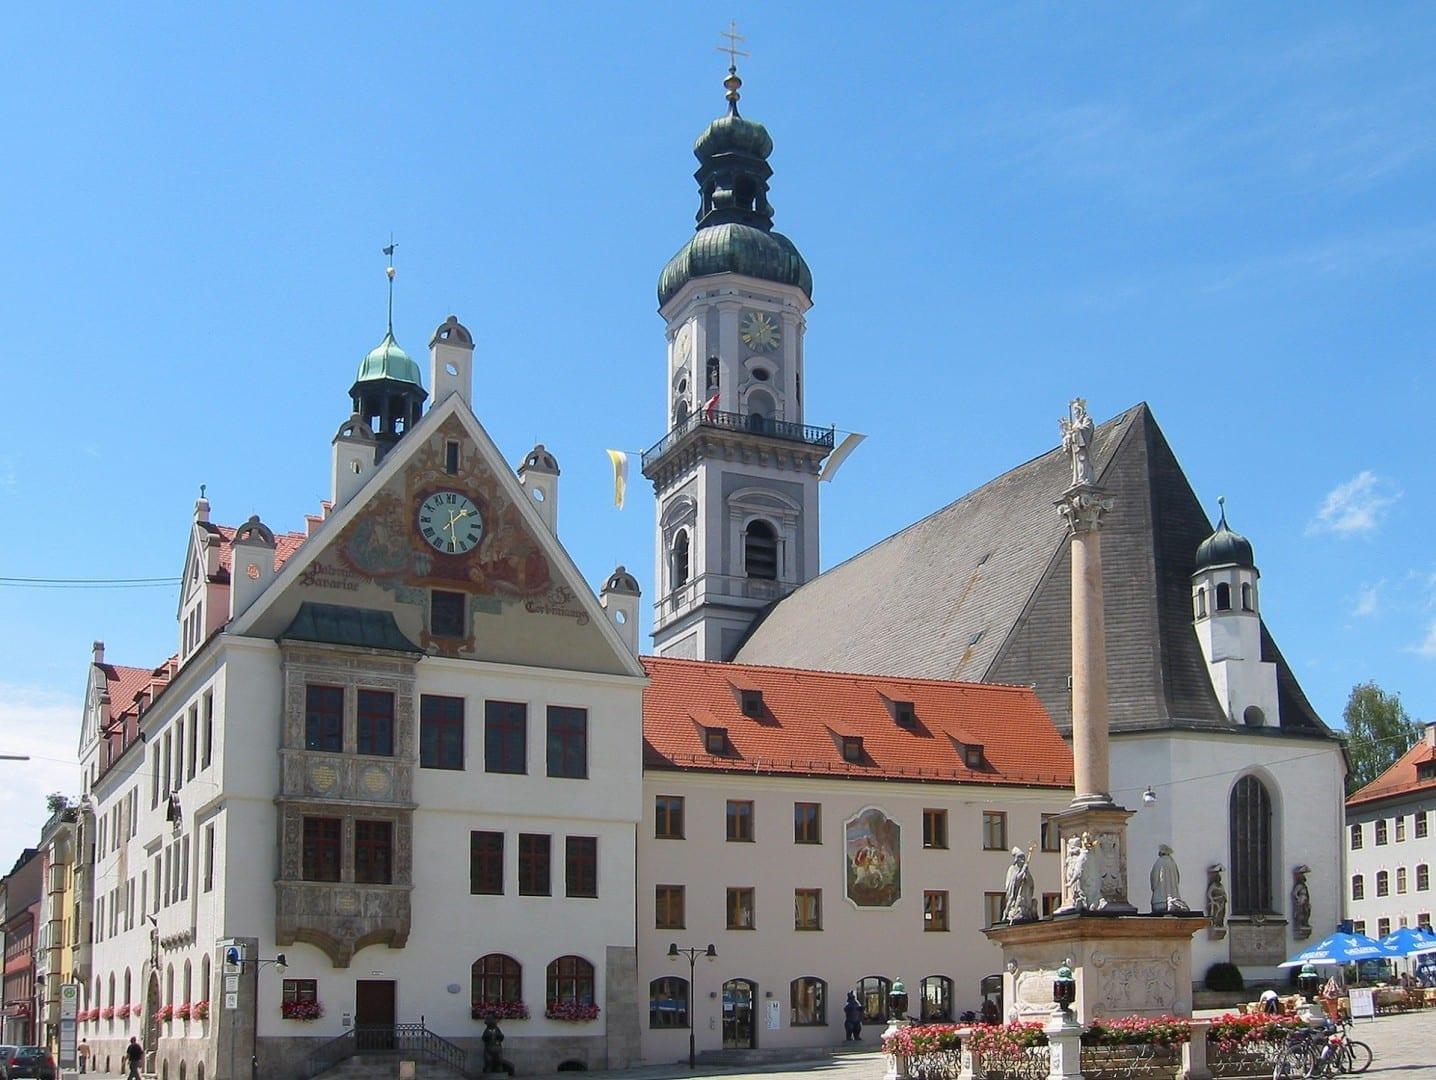 Plaza del pueblo con el ayuntamiento y la iglesia de San Jorge Freising Alemania